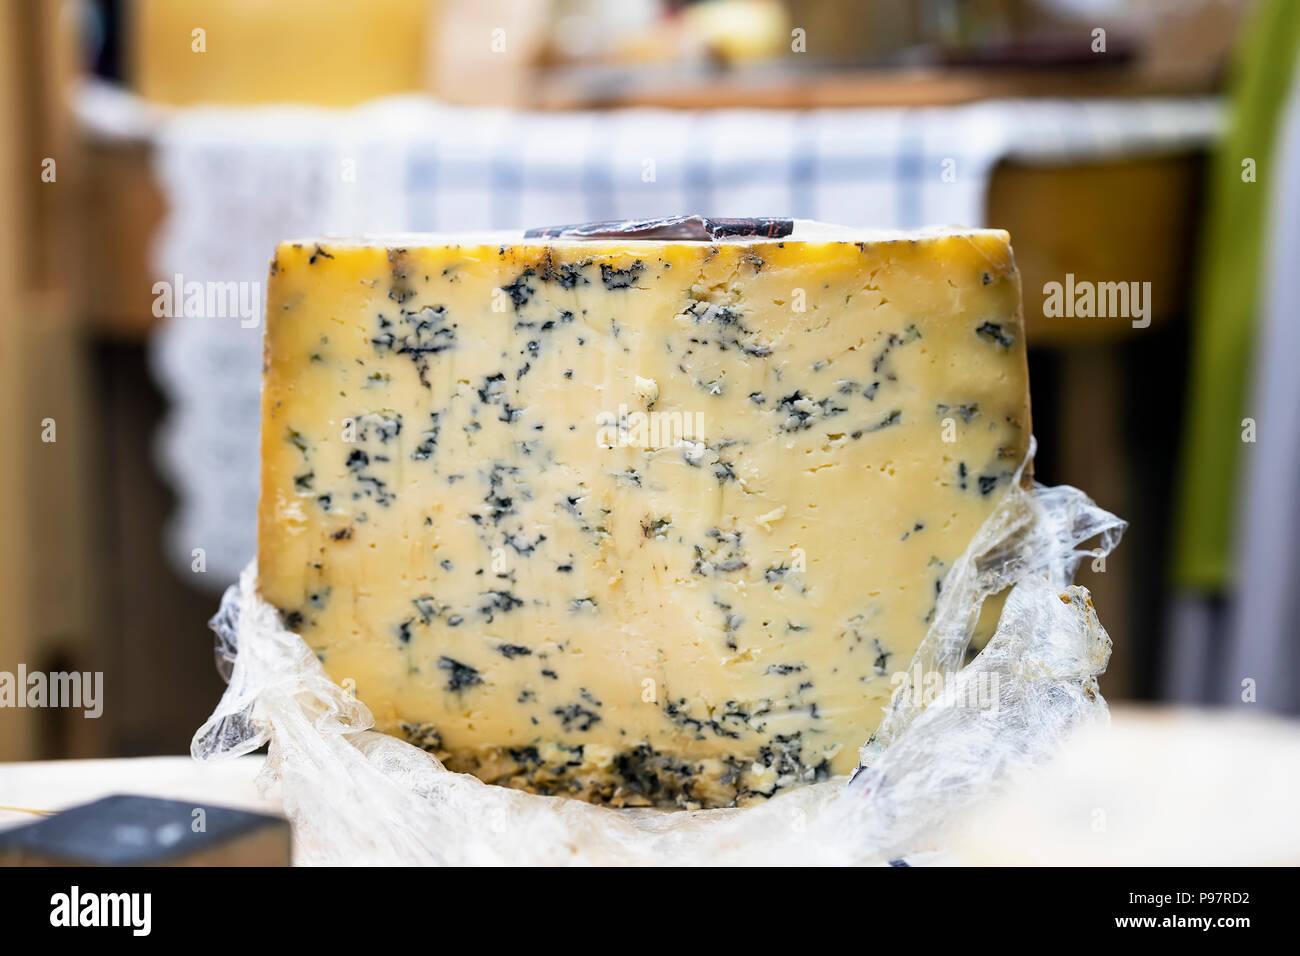 Gran rueda de queso con moho azul en el mercado mostrador, coloridos colores. Curiosidades gastronómicas en el mercado productos de contador, escenario real en el mercado de alimentos Imagen De Stock